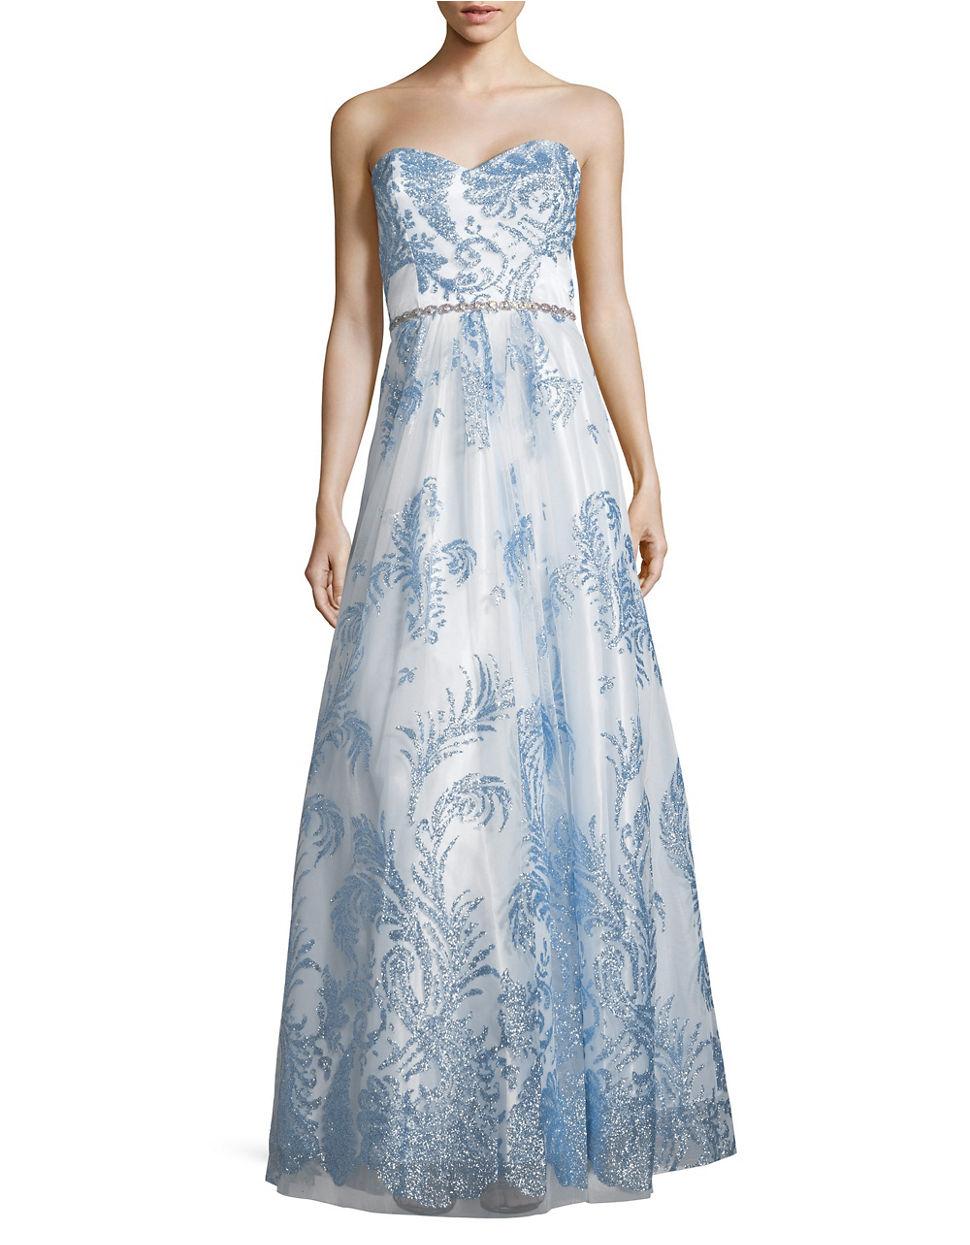 CACHET | Dresses | Women | Hudson\'s Bay